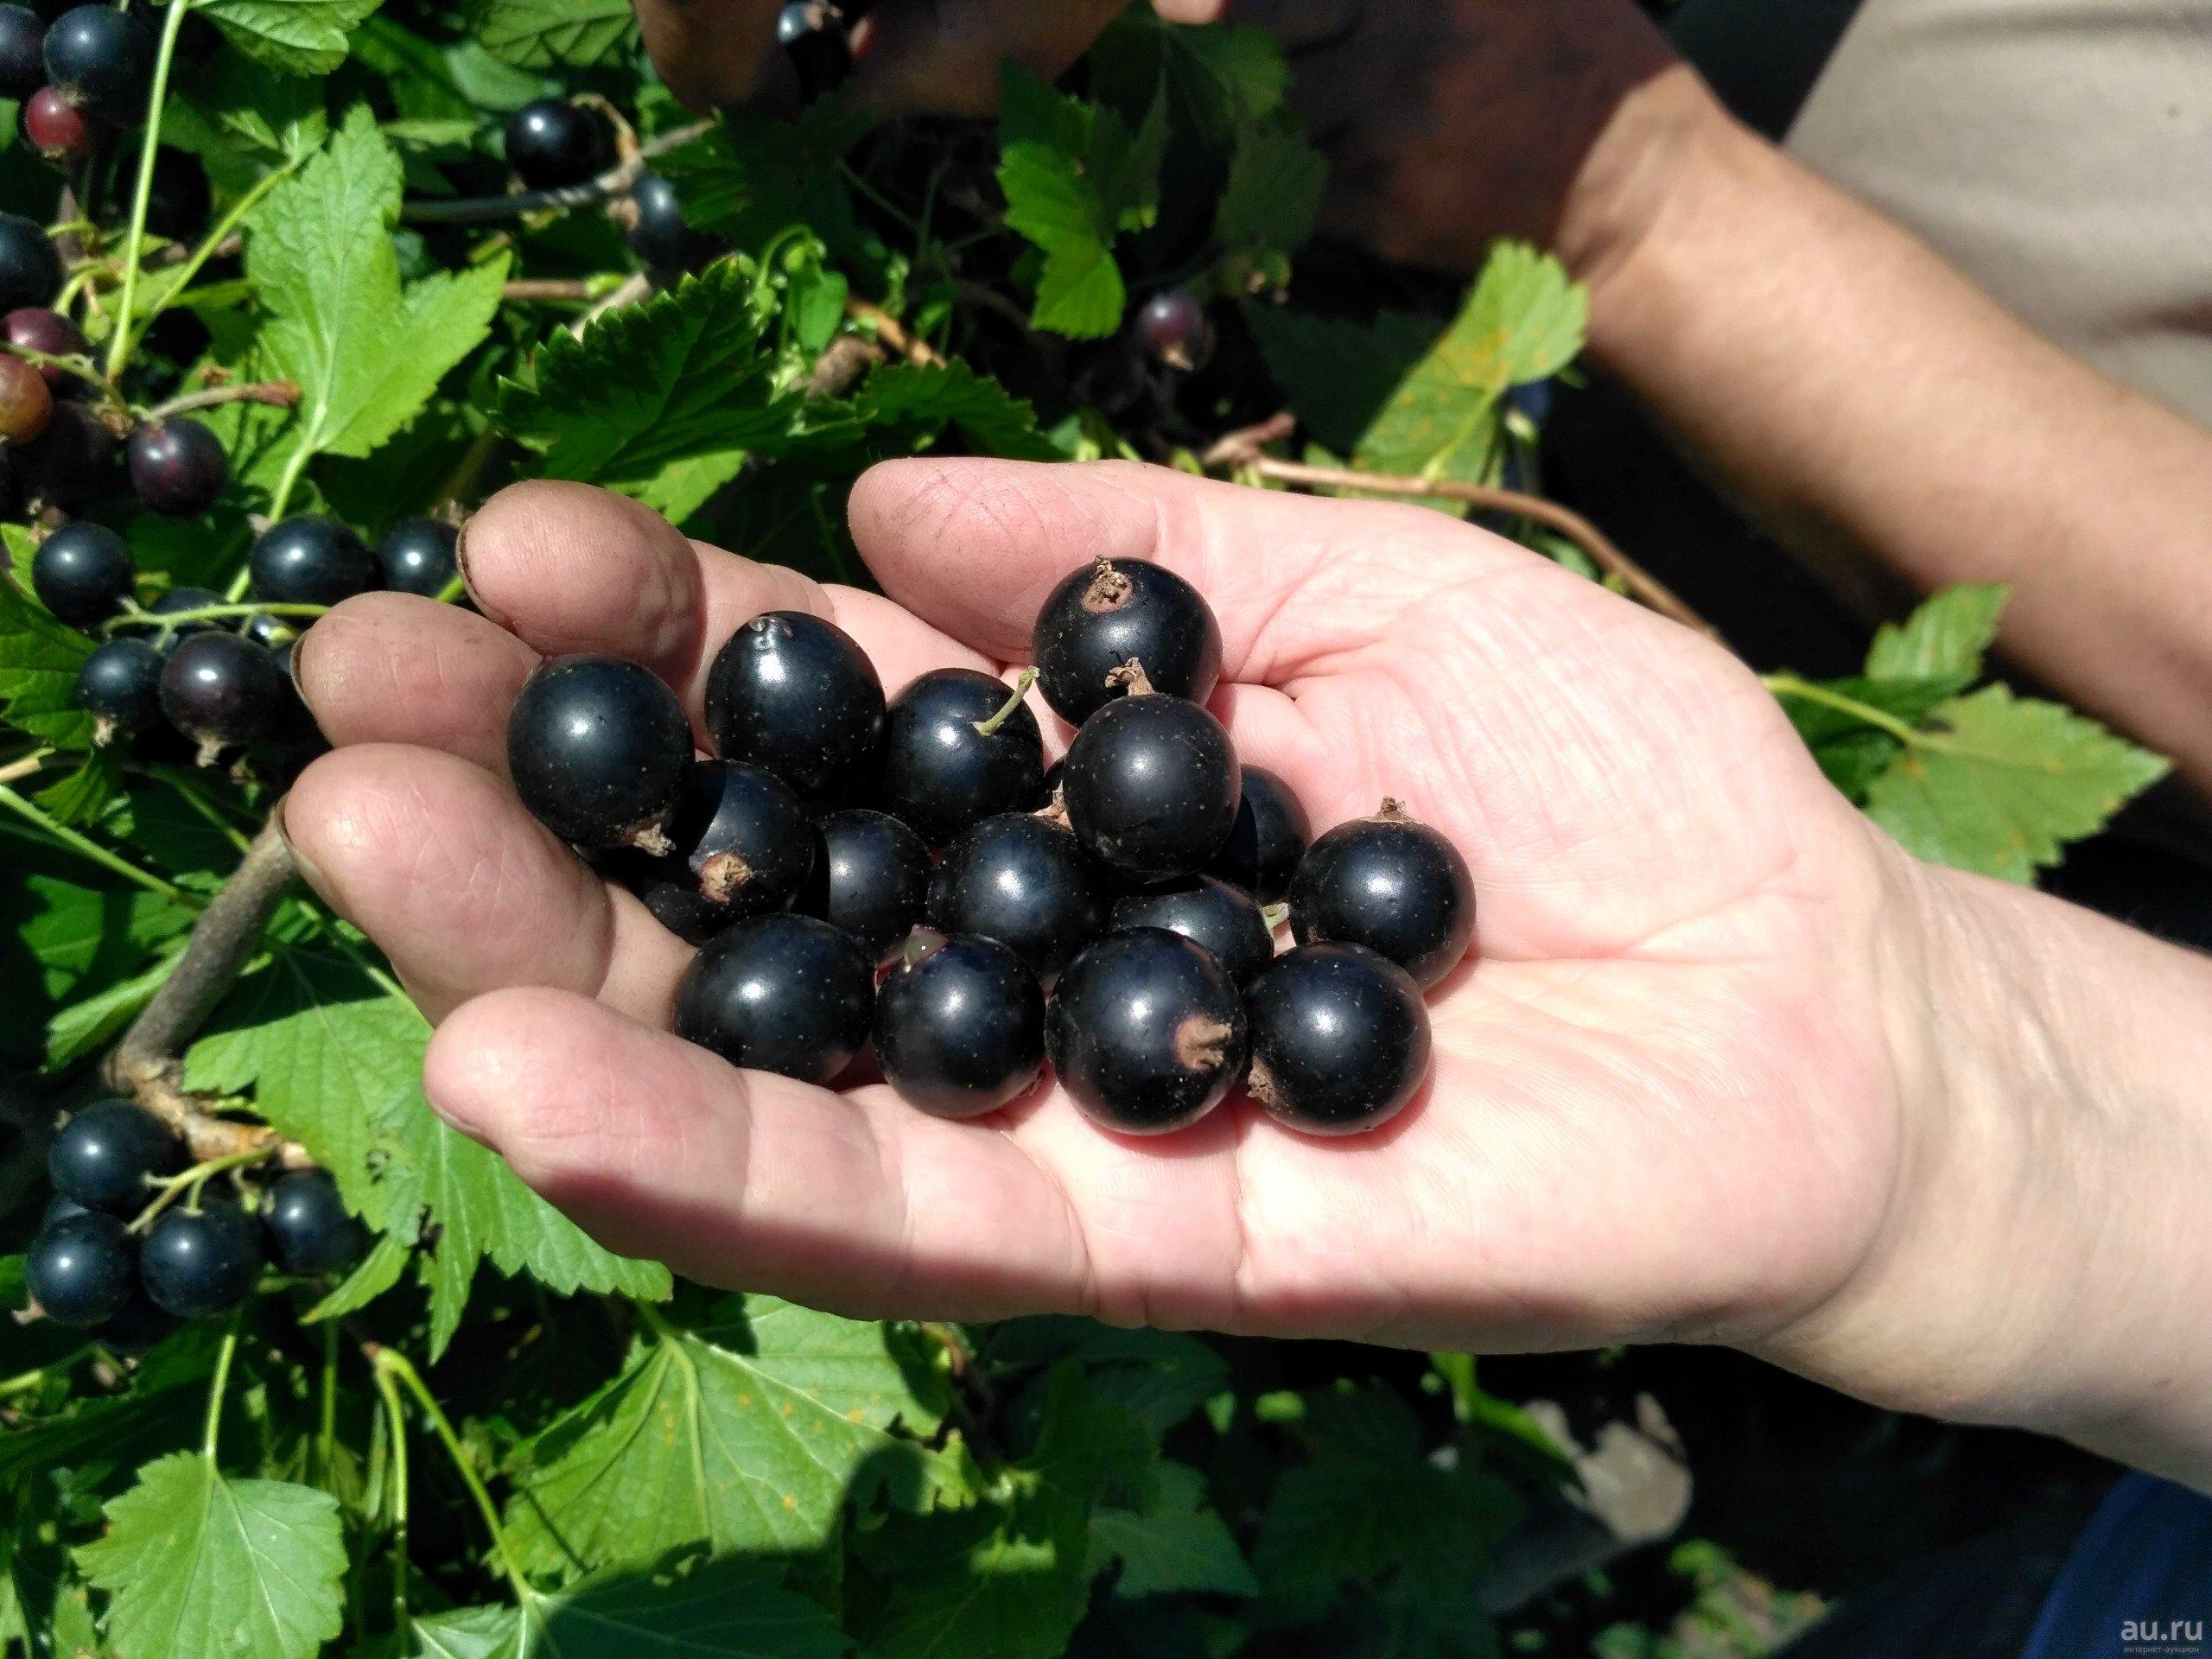 Чёрная смородина лентяй: позднеспелый сорт с крупными сладкими ягодами